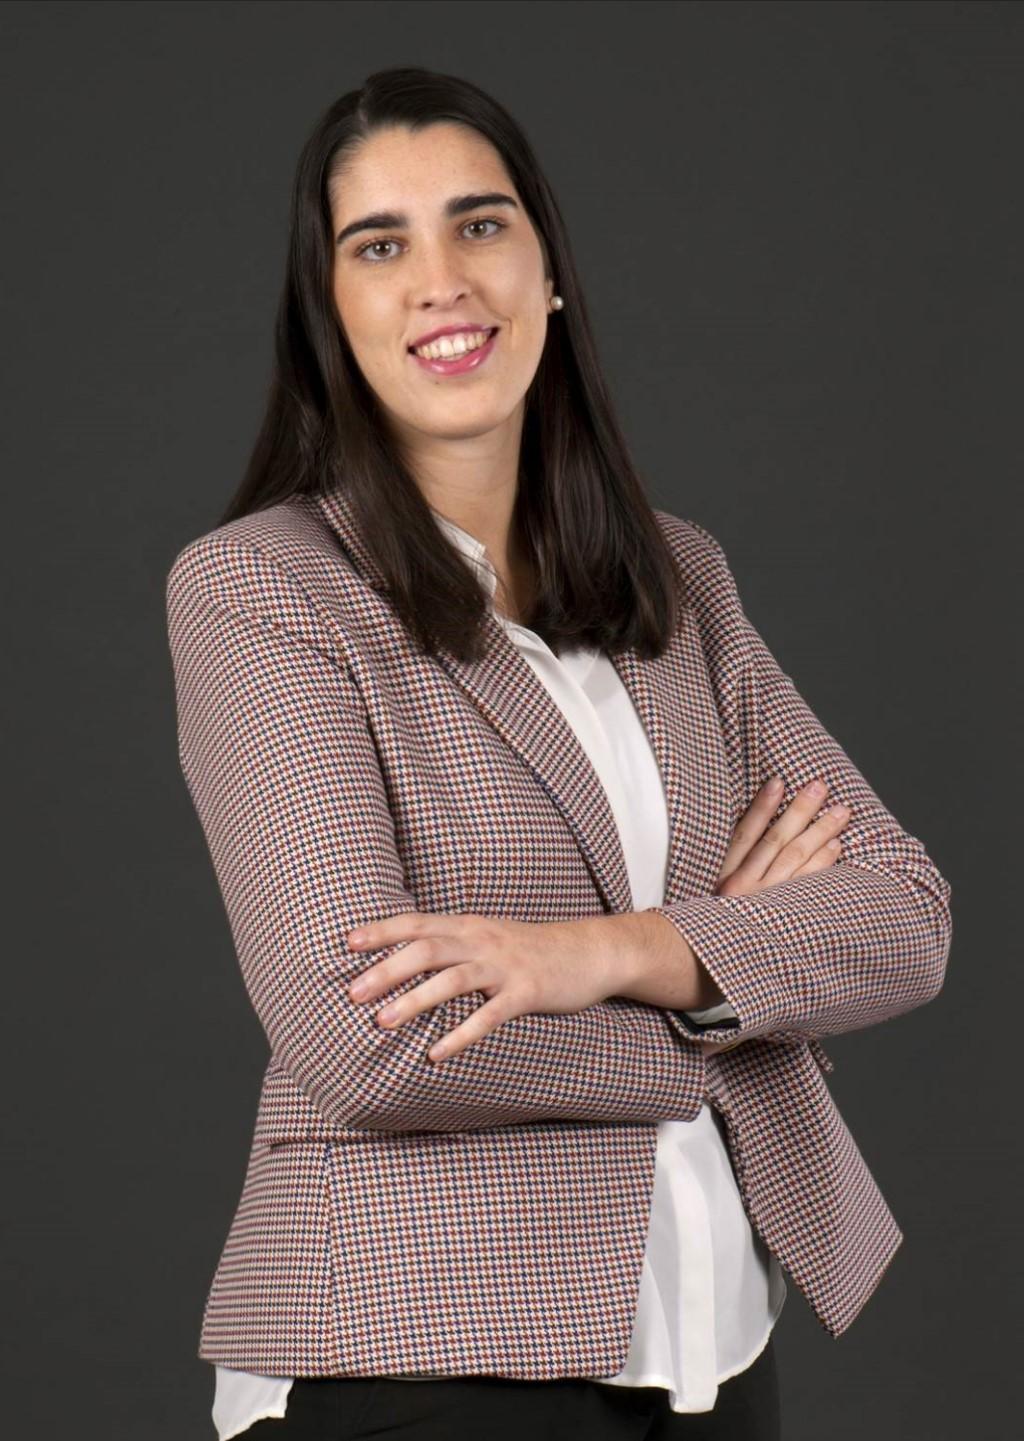 Filipa Costa Cabral